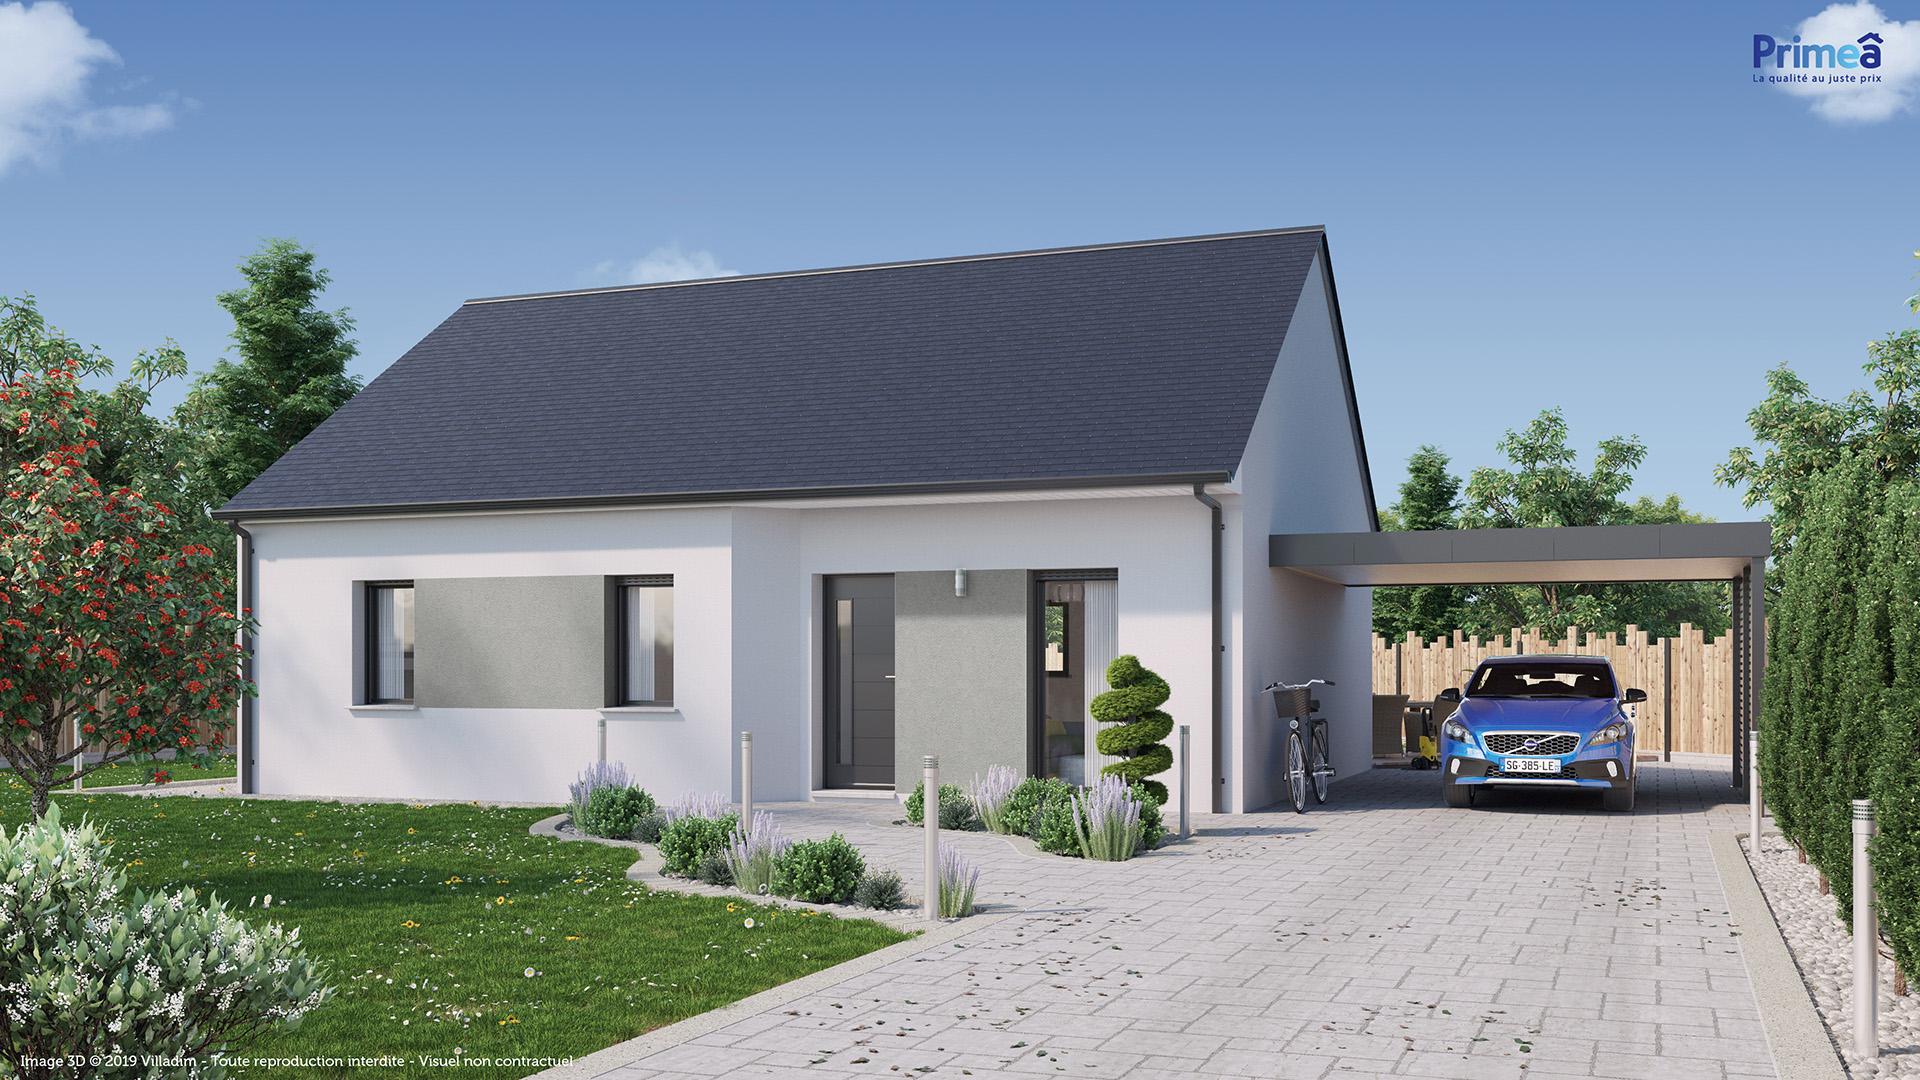 Maison à vendre à Saint-Jean-de-Braye